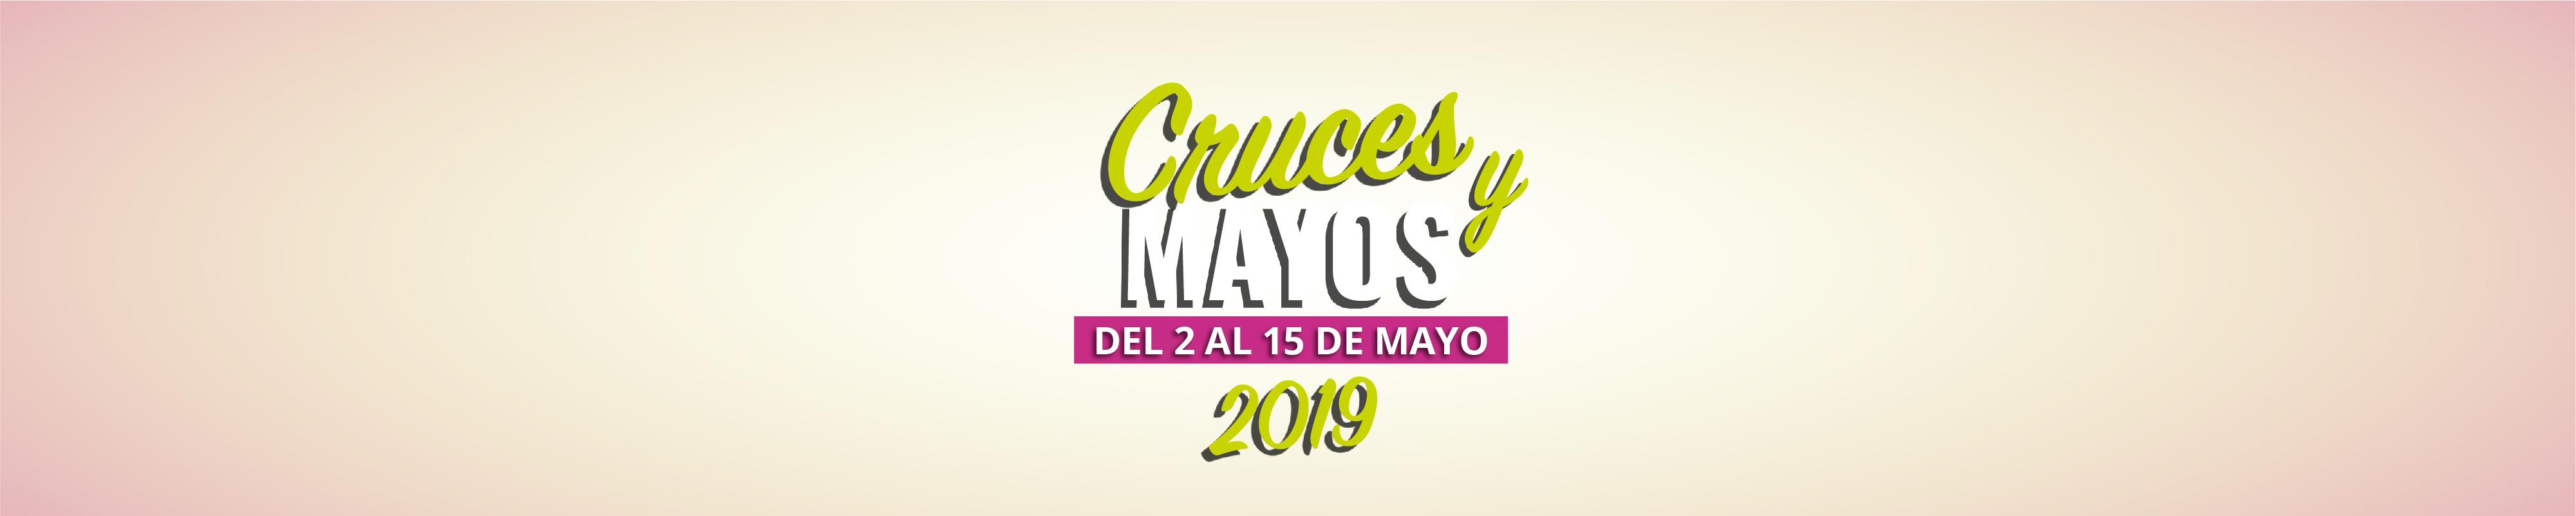 Imagen Cruces y Mayos 2019 Piedrabuena